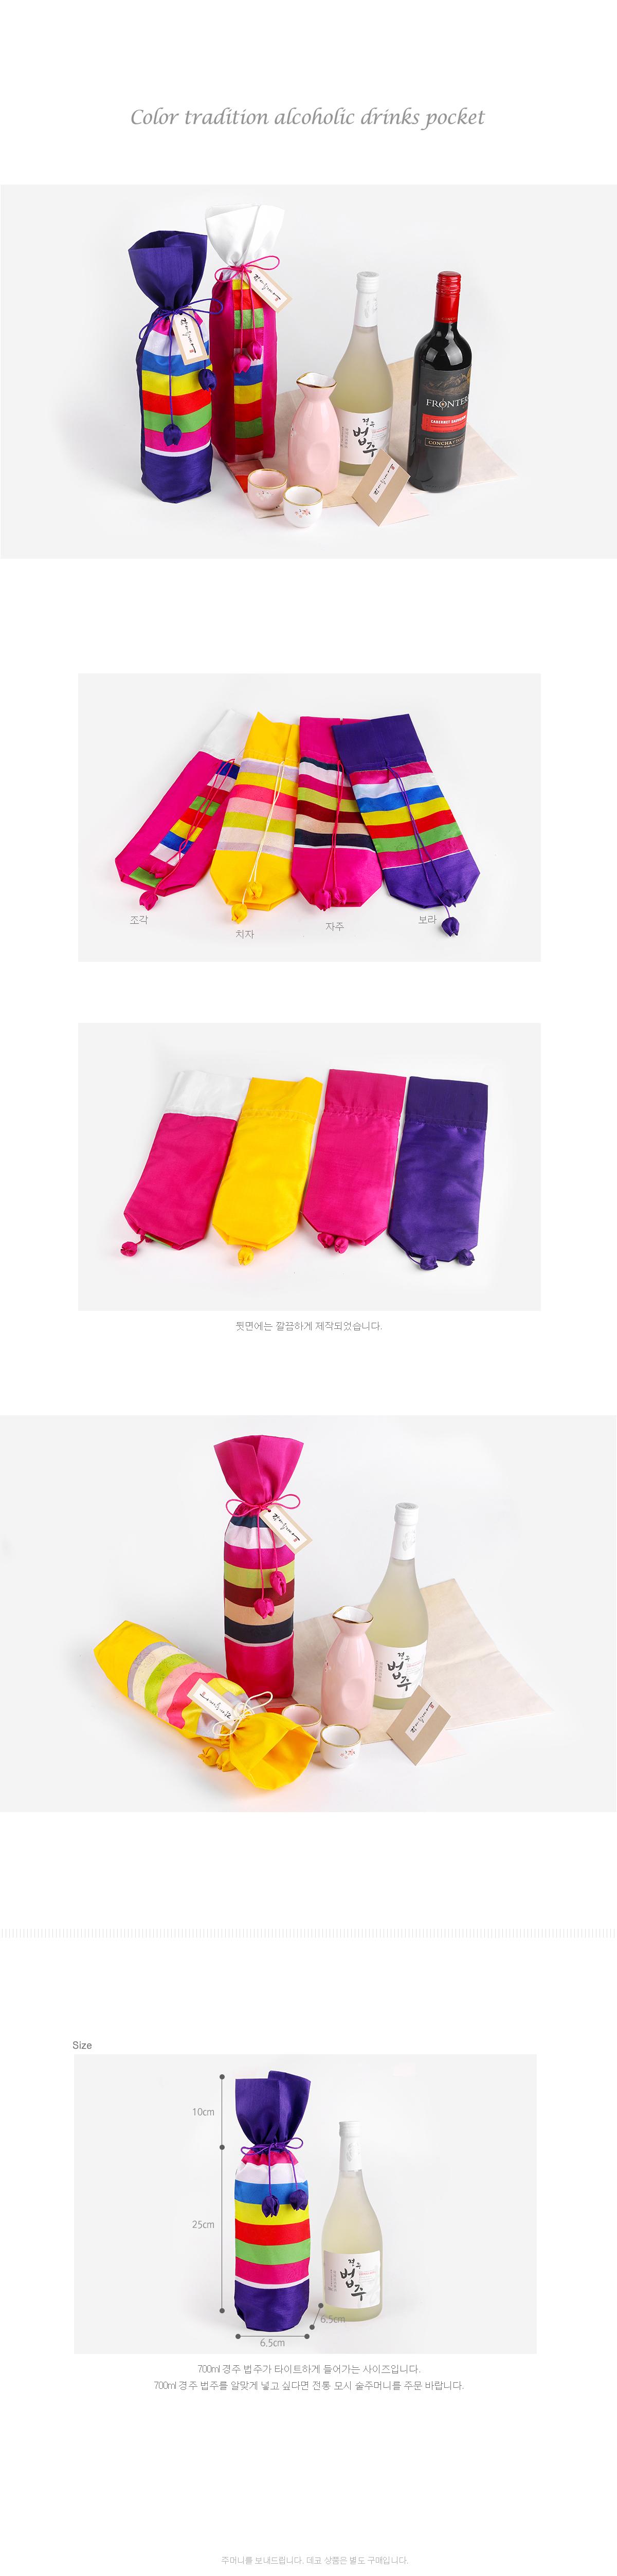 조각 색동 전통 술주머니 - 인디고샵, 3,500원, 보자기/싸개, 보자기/싸개